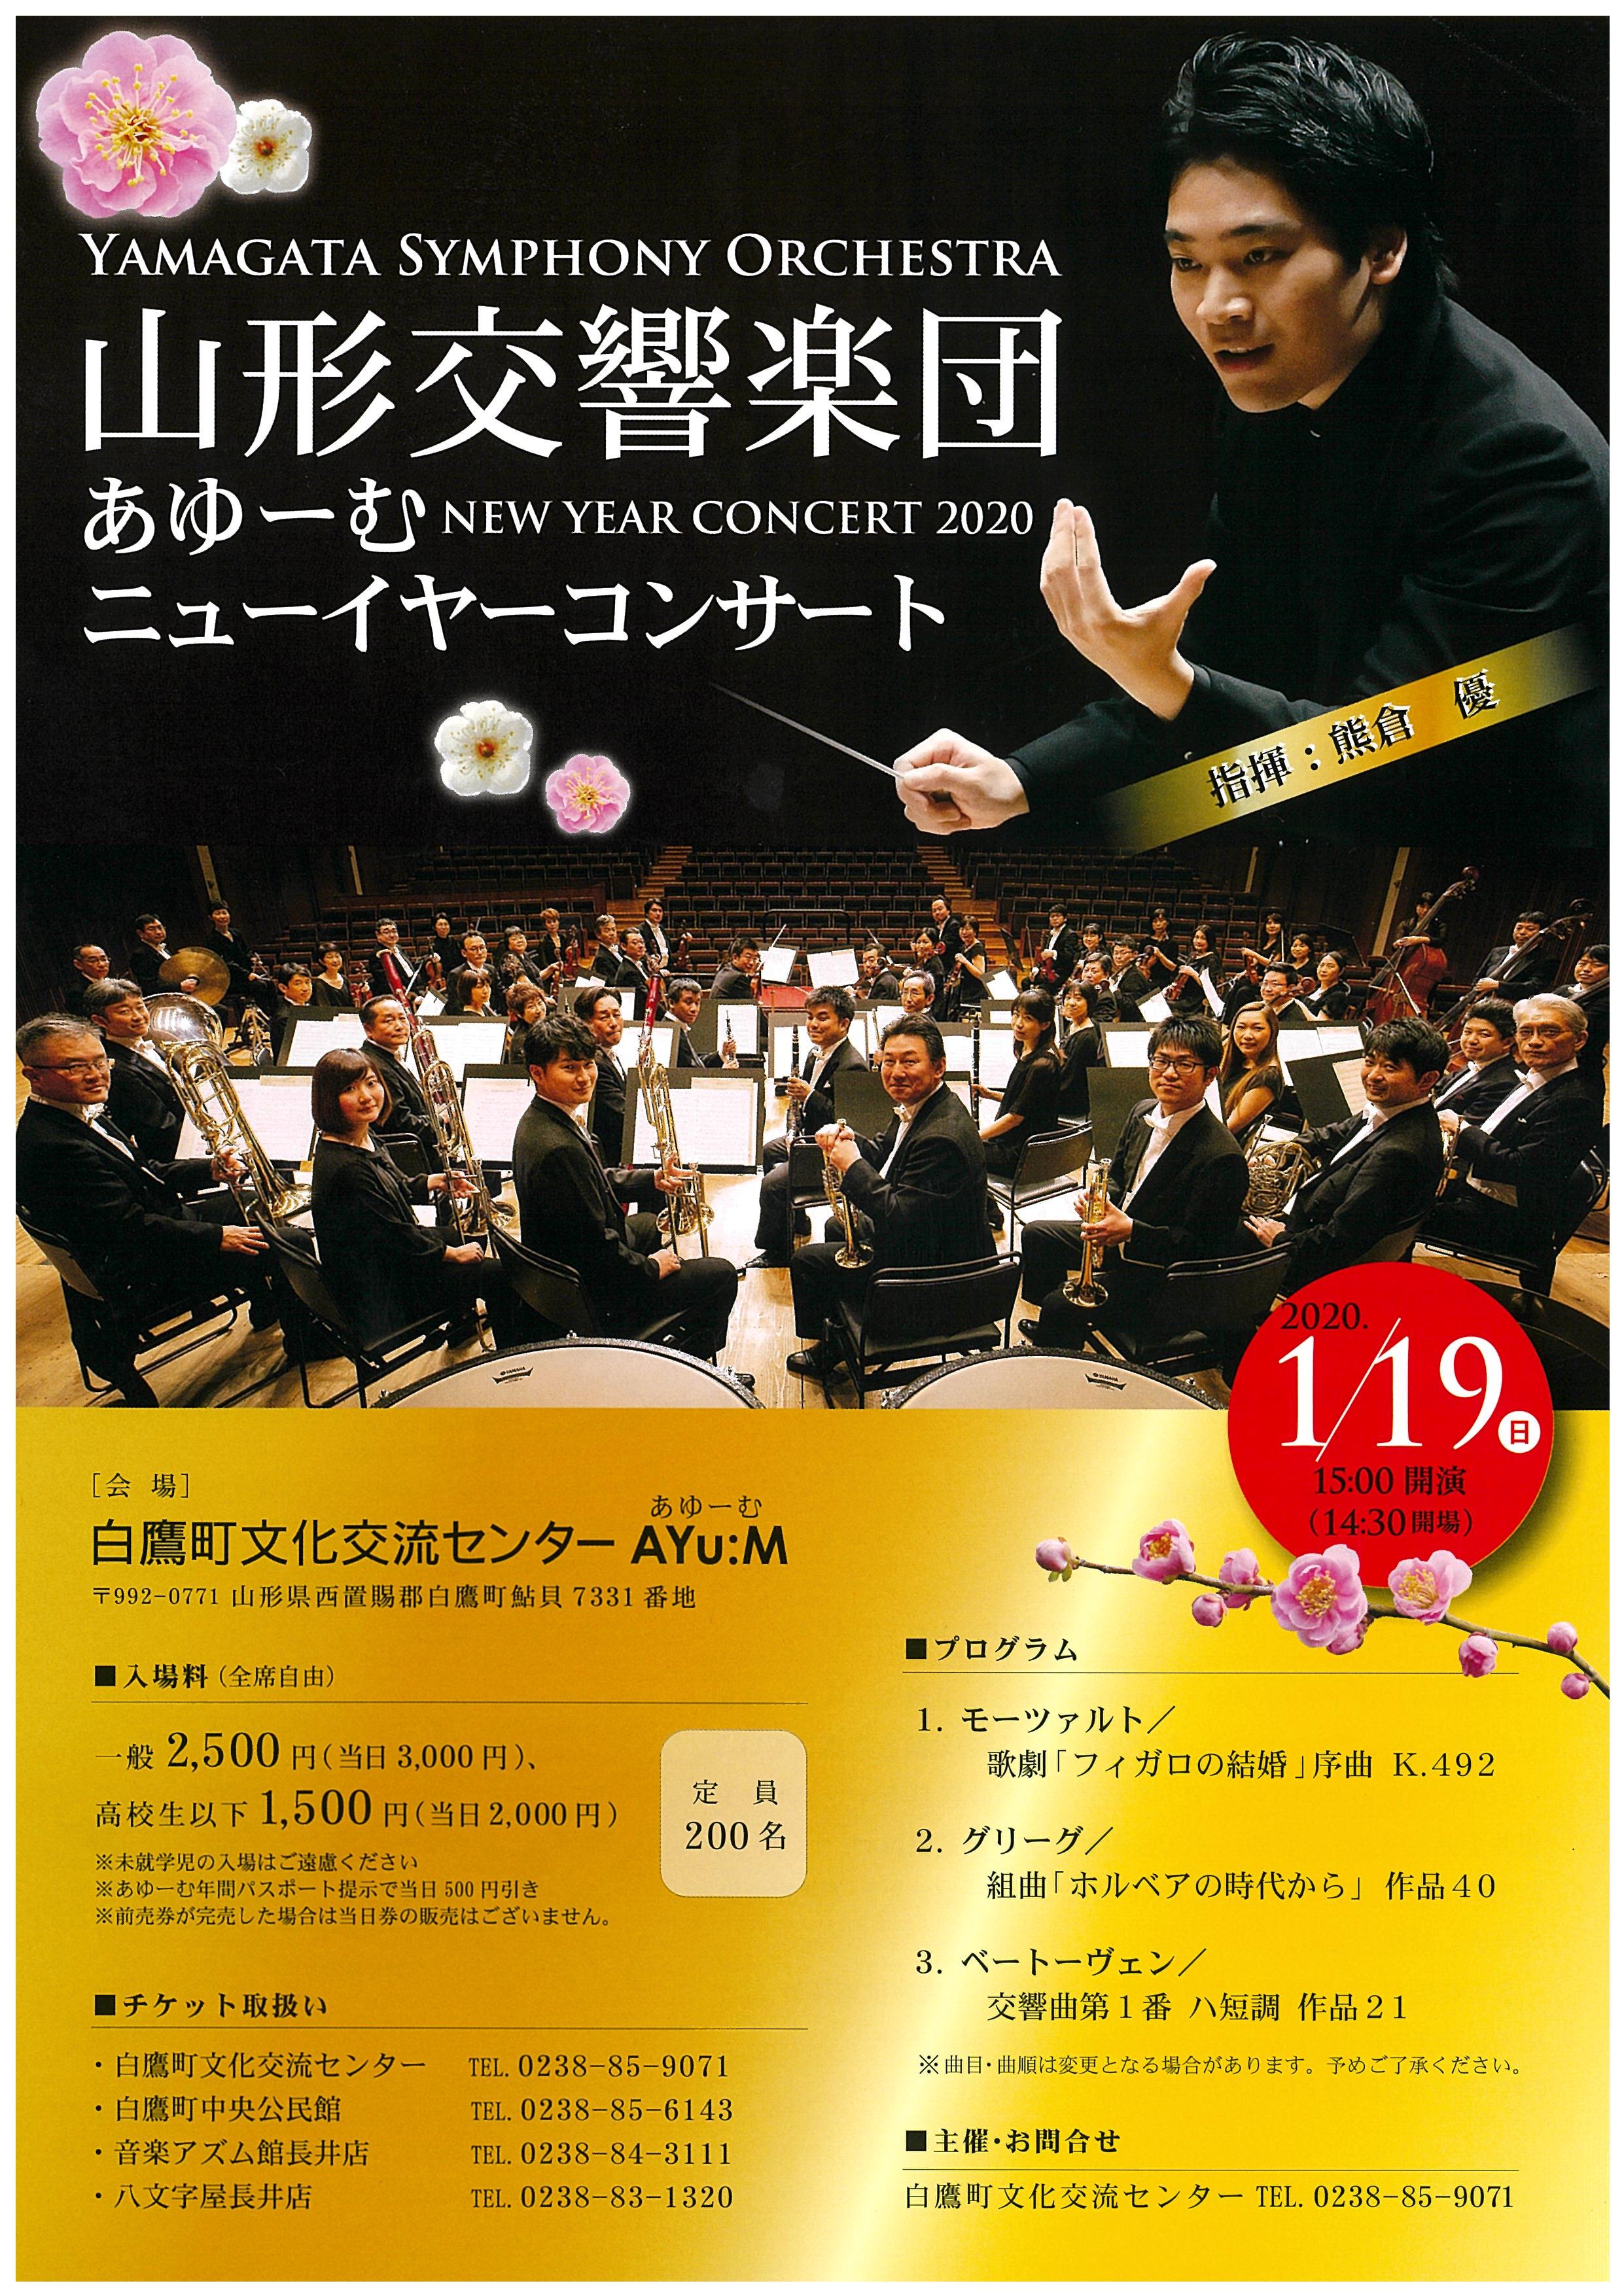 山形交響楽団 あゆーむ<br>ニューイヤーコンサート